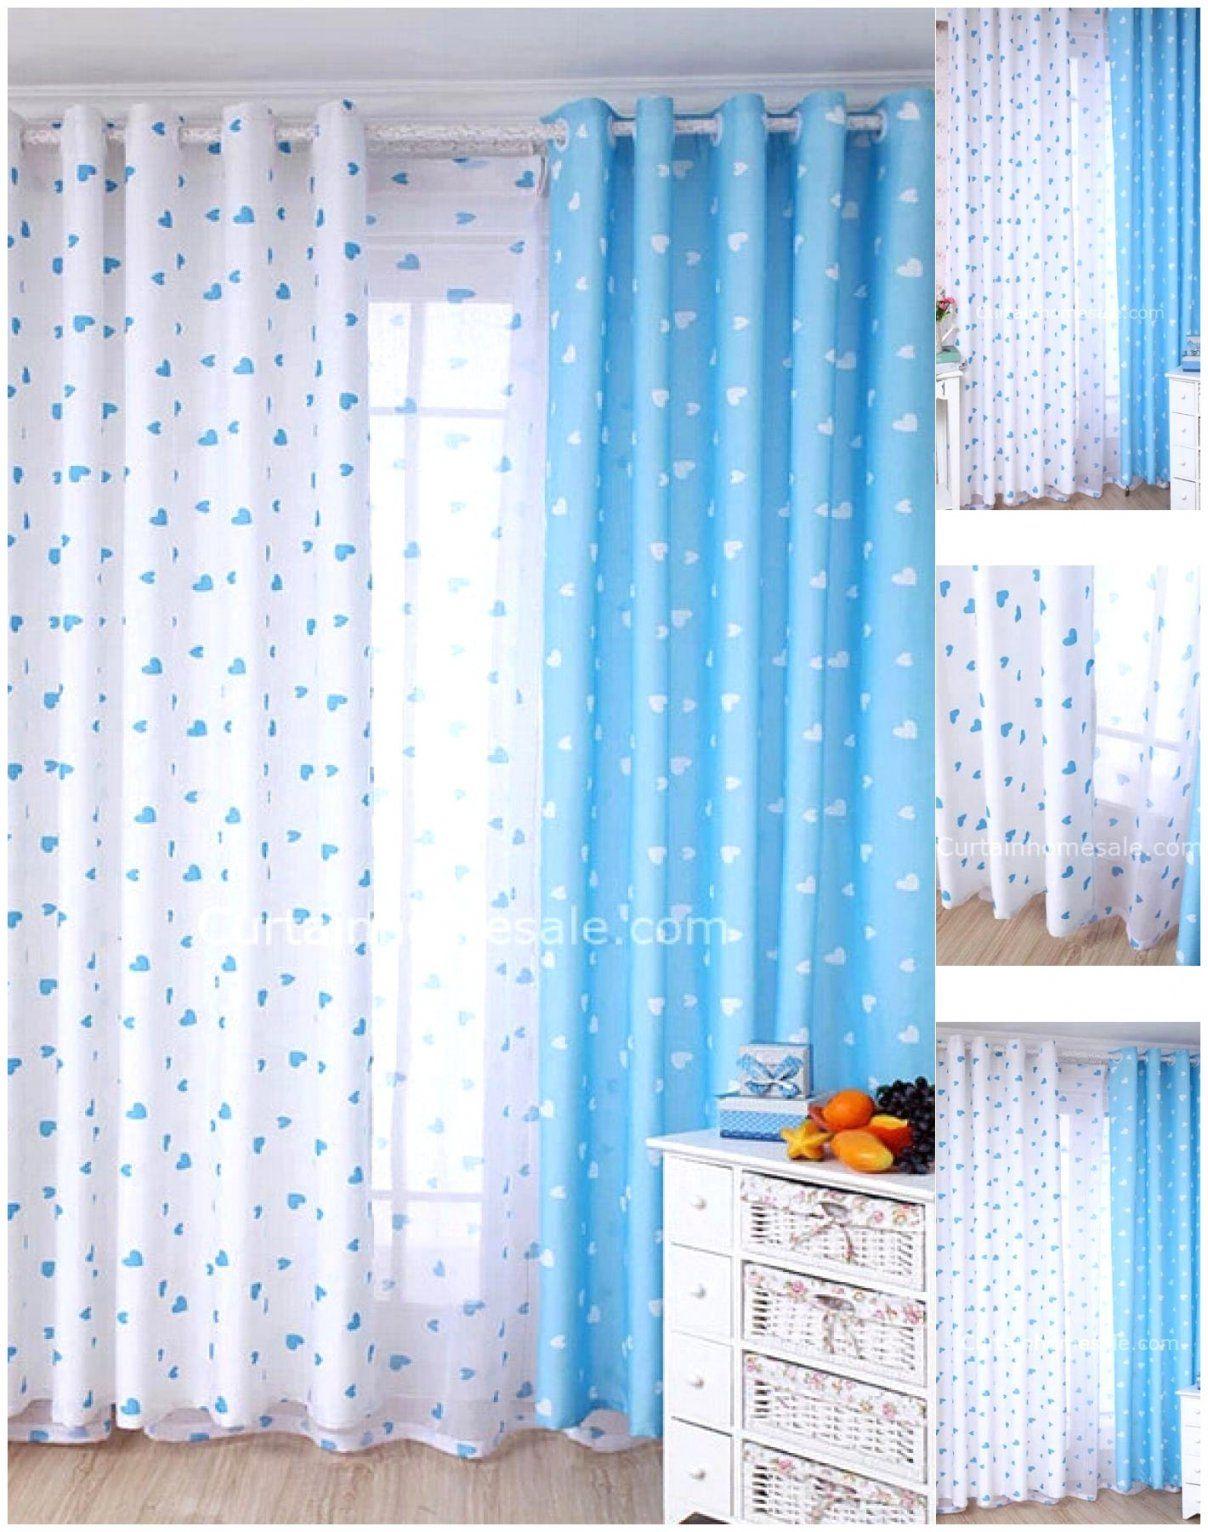 Beste Gardine Kinderzimmer Bild Von Gardinen Design 238267 von Fußball Gardinen Kinderzimmer Bild